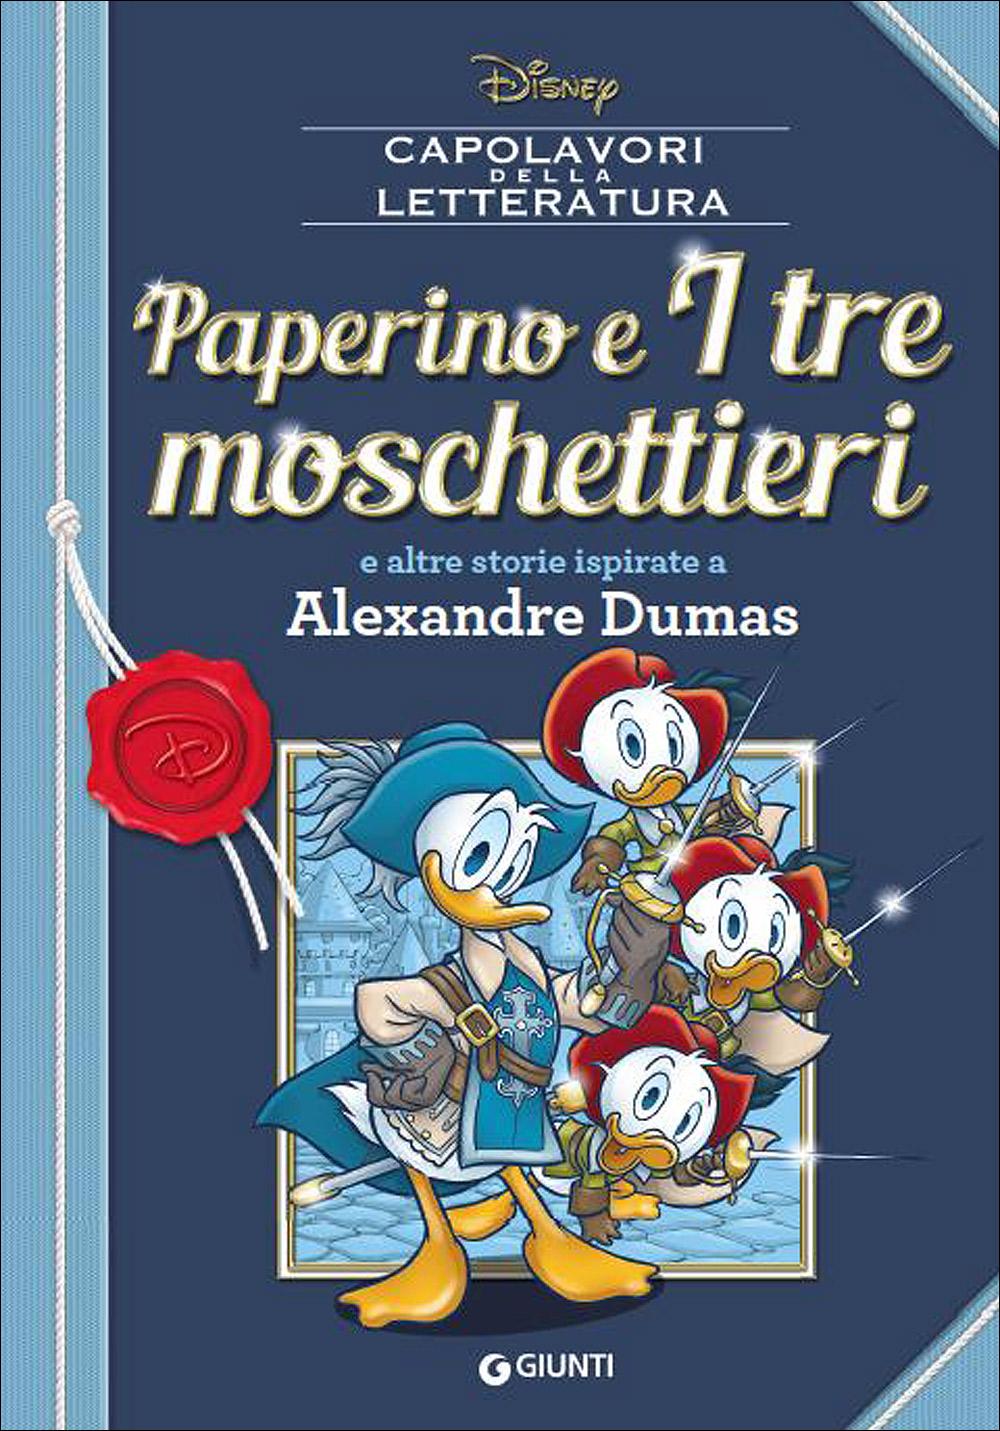 Cover Capolavori della Letteratura 2 - Paperino e I tre moschettieri